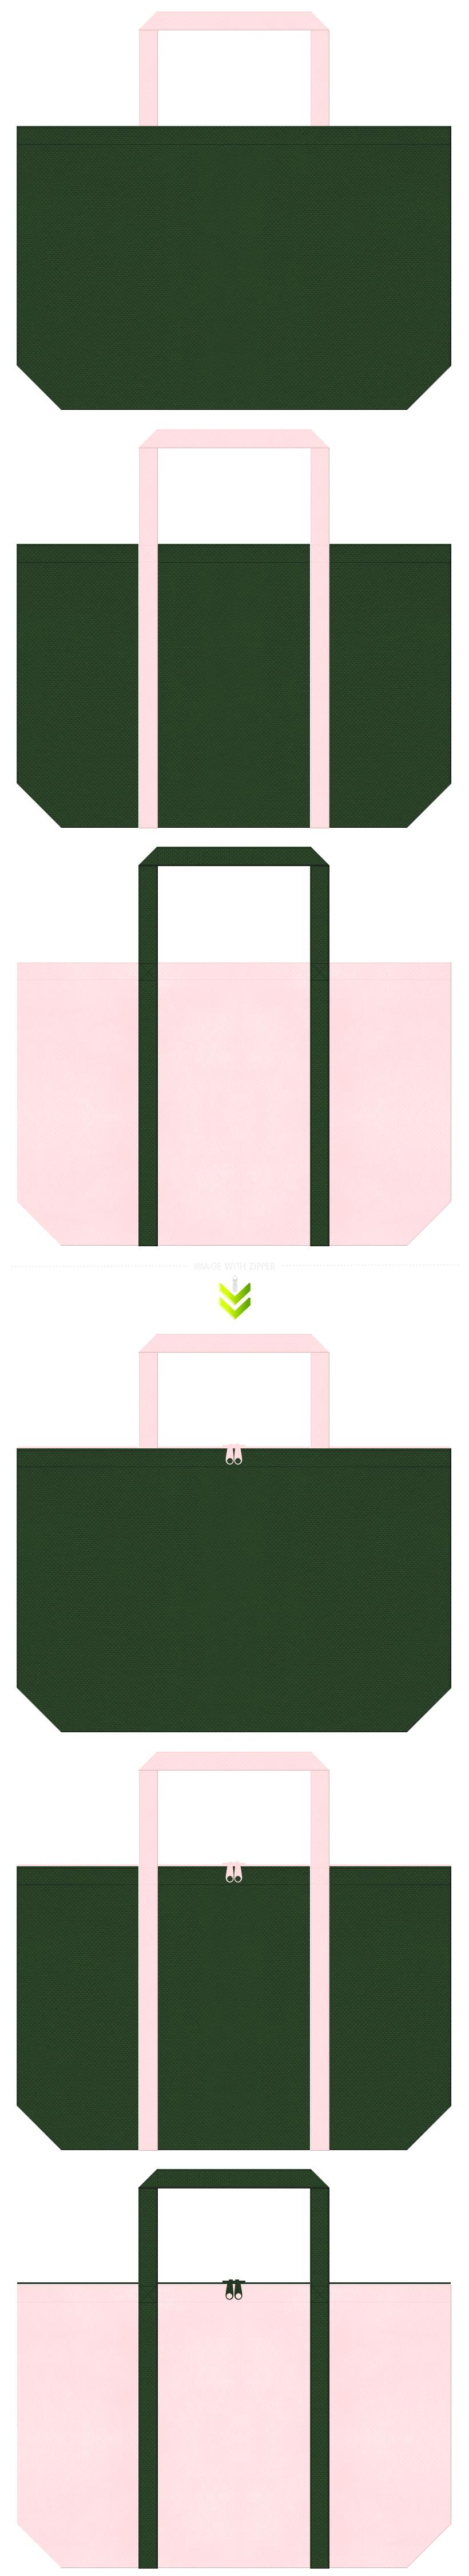 メモリー・写真館・学校・教室・黒板・青春・ゲーム・卒業式・桜・花見・観光名所・和柄のエコバッグにお奨めの不織布バッグデザイン:濃緑色・深緑色と桜色のコーデ